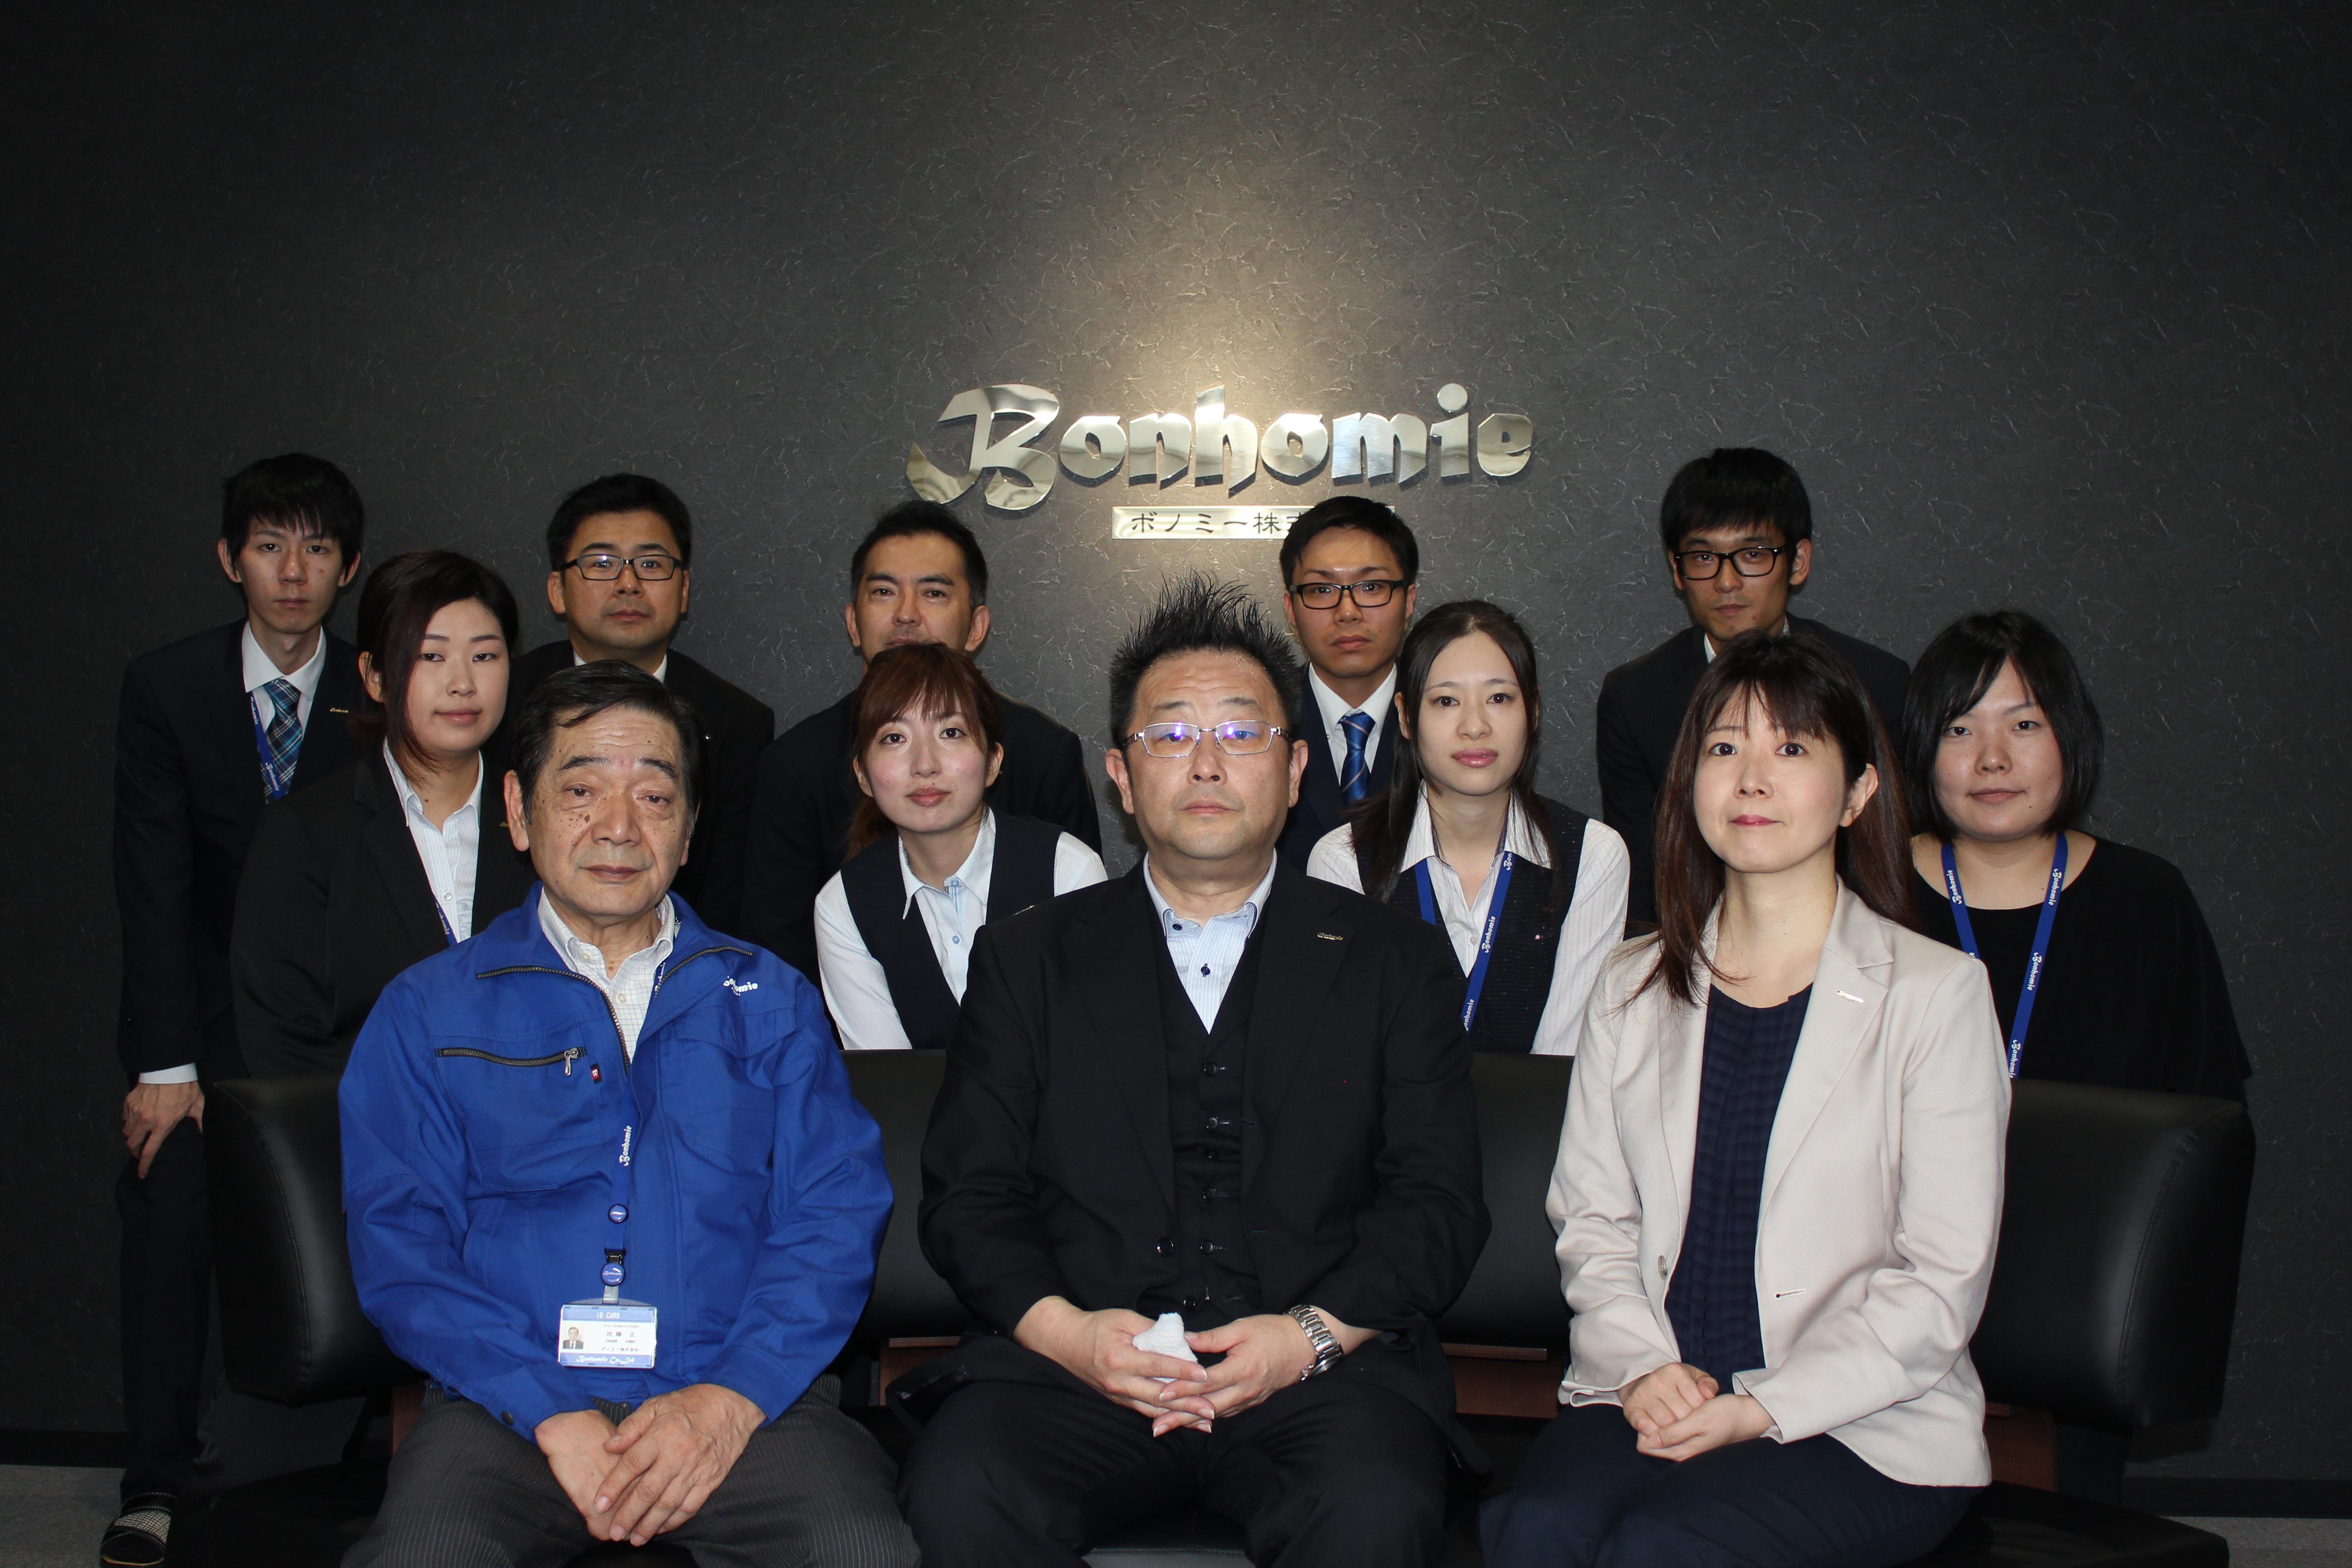 長崎市にあります『ボノミー株式...